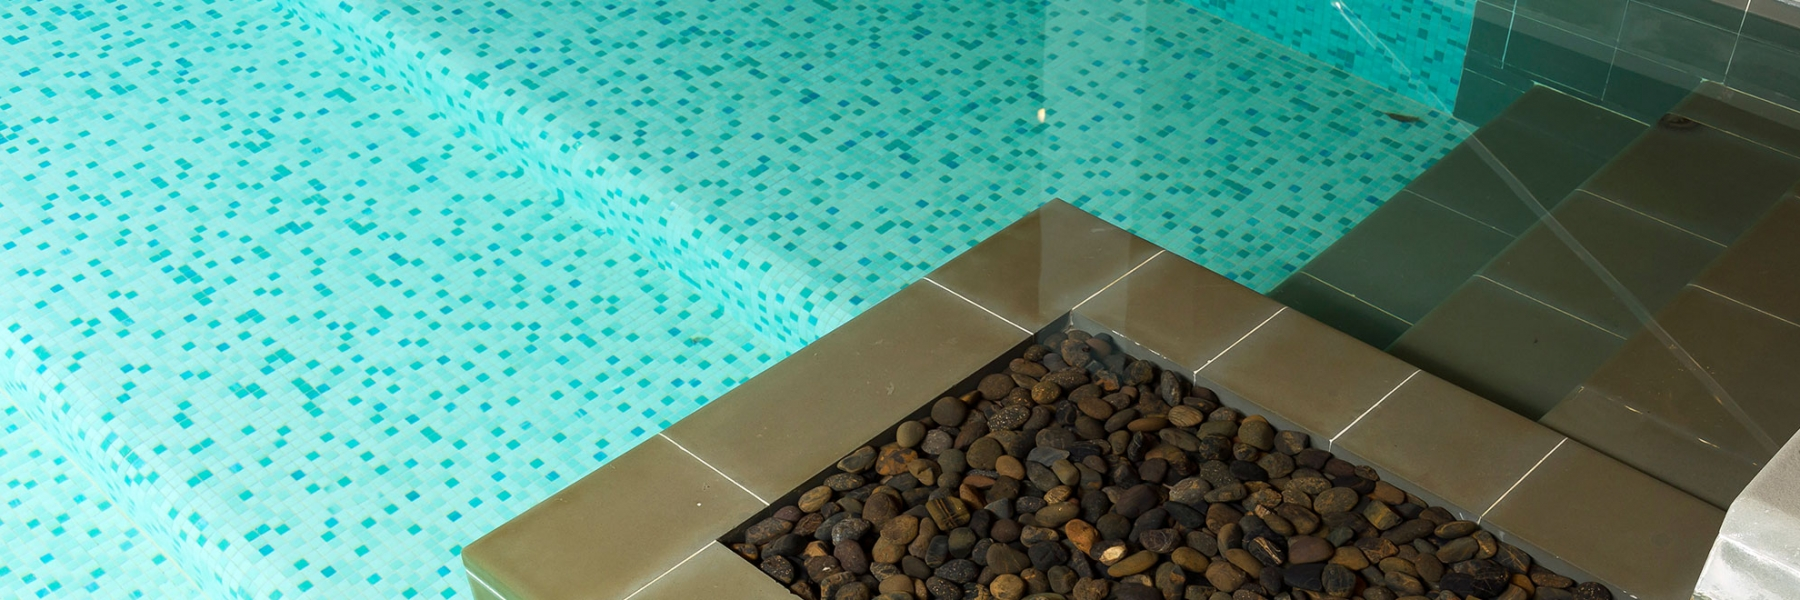 coffrage perdu en polypropylène sans égal pour les fabricants de piscines en béton armé